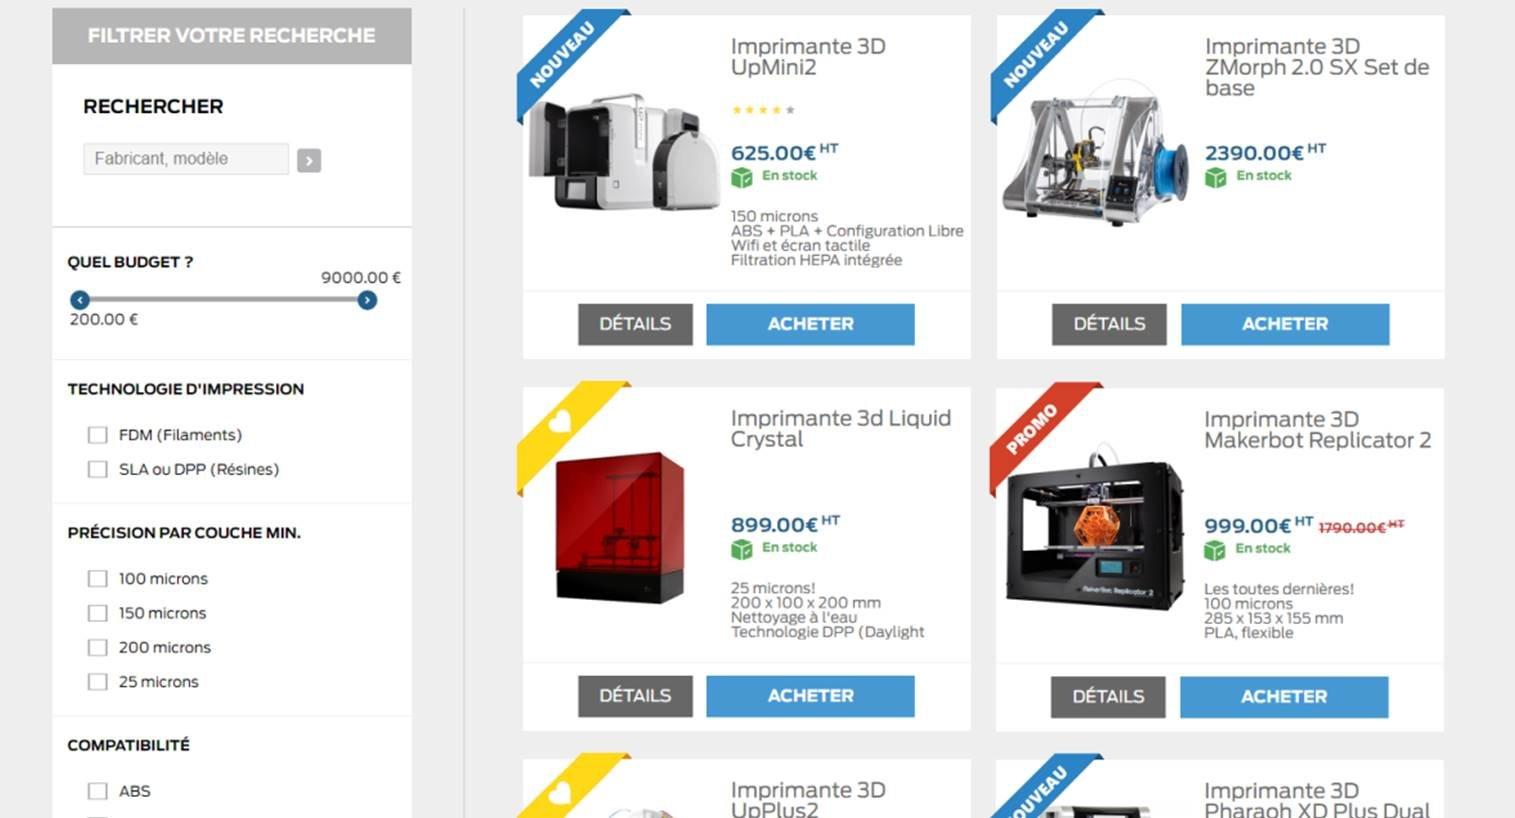 page de categorie optimisee pour ameliorer les ventes